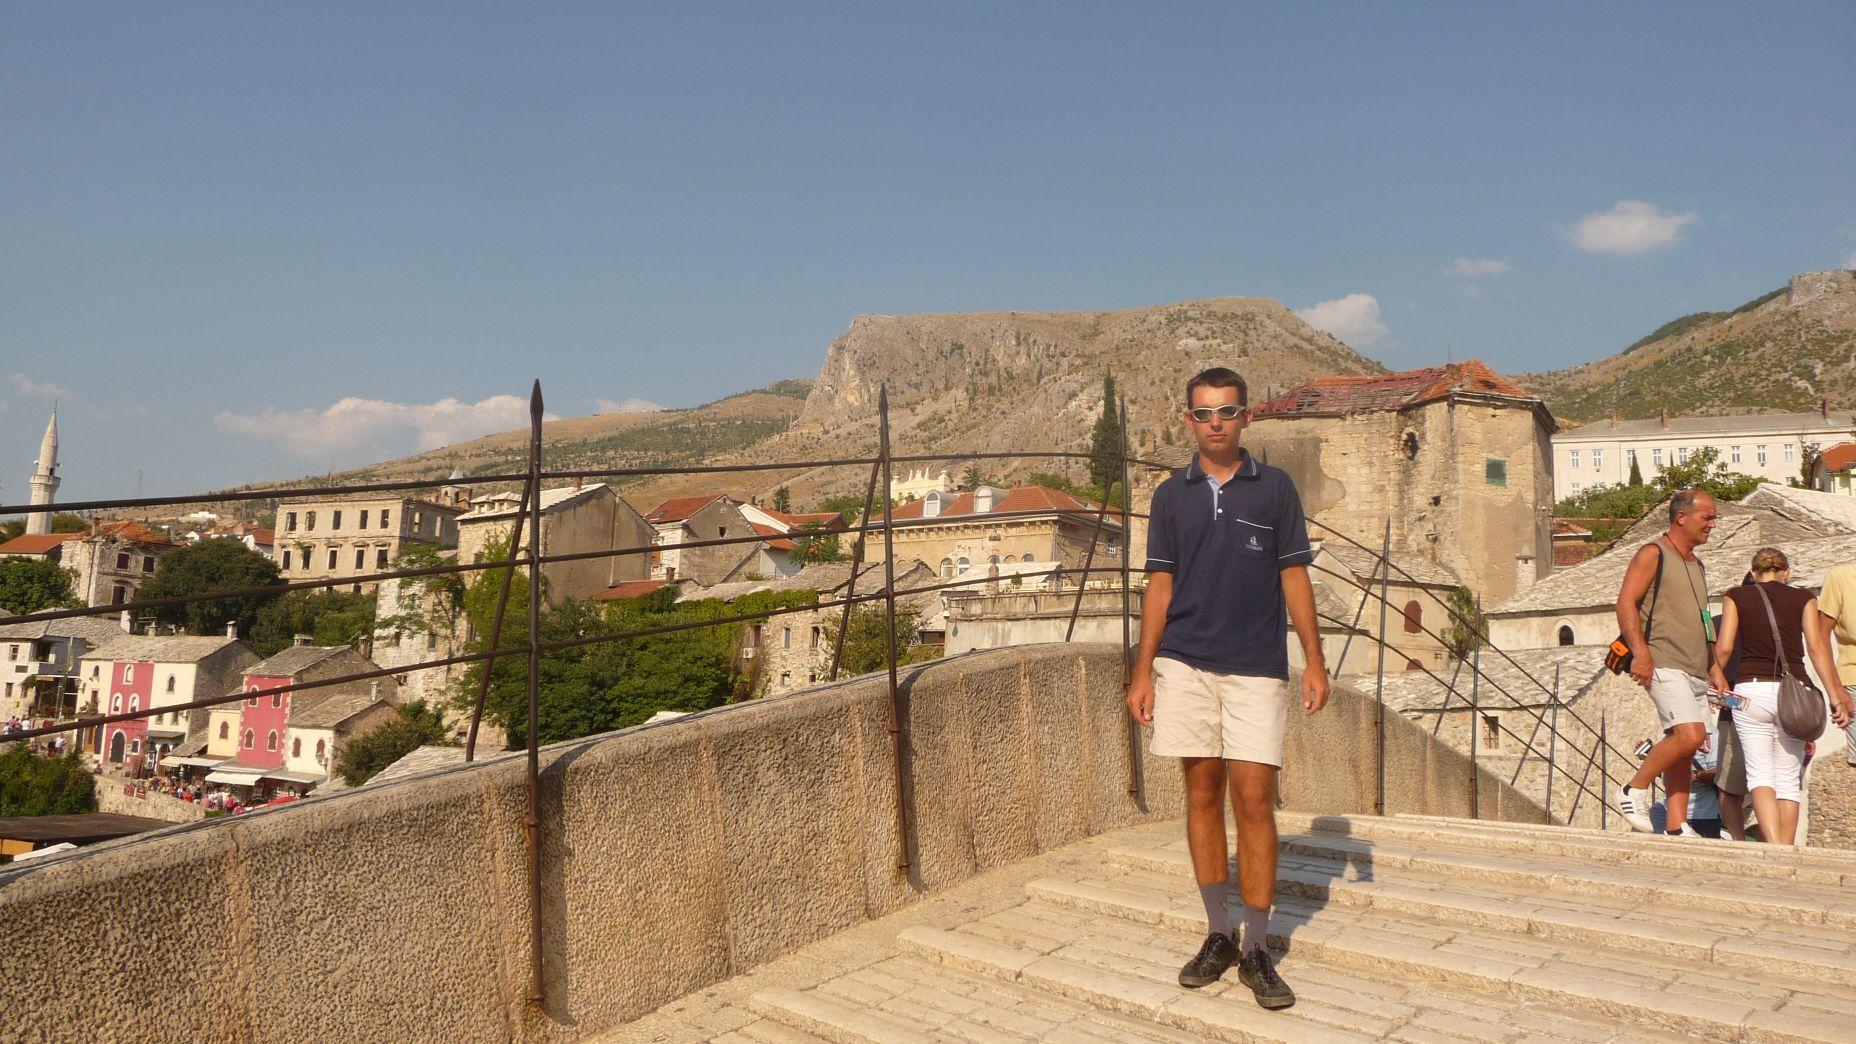 Bośnia Bułgaria Chorwacja Czarnogóra Grecja Izrael Jordania Kosowo Macedonia Rumunia Turcja Węgry